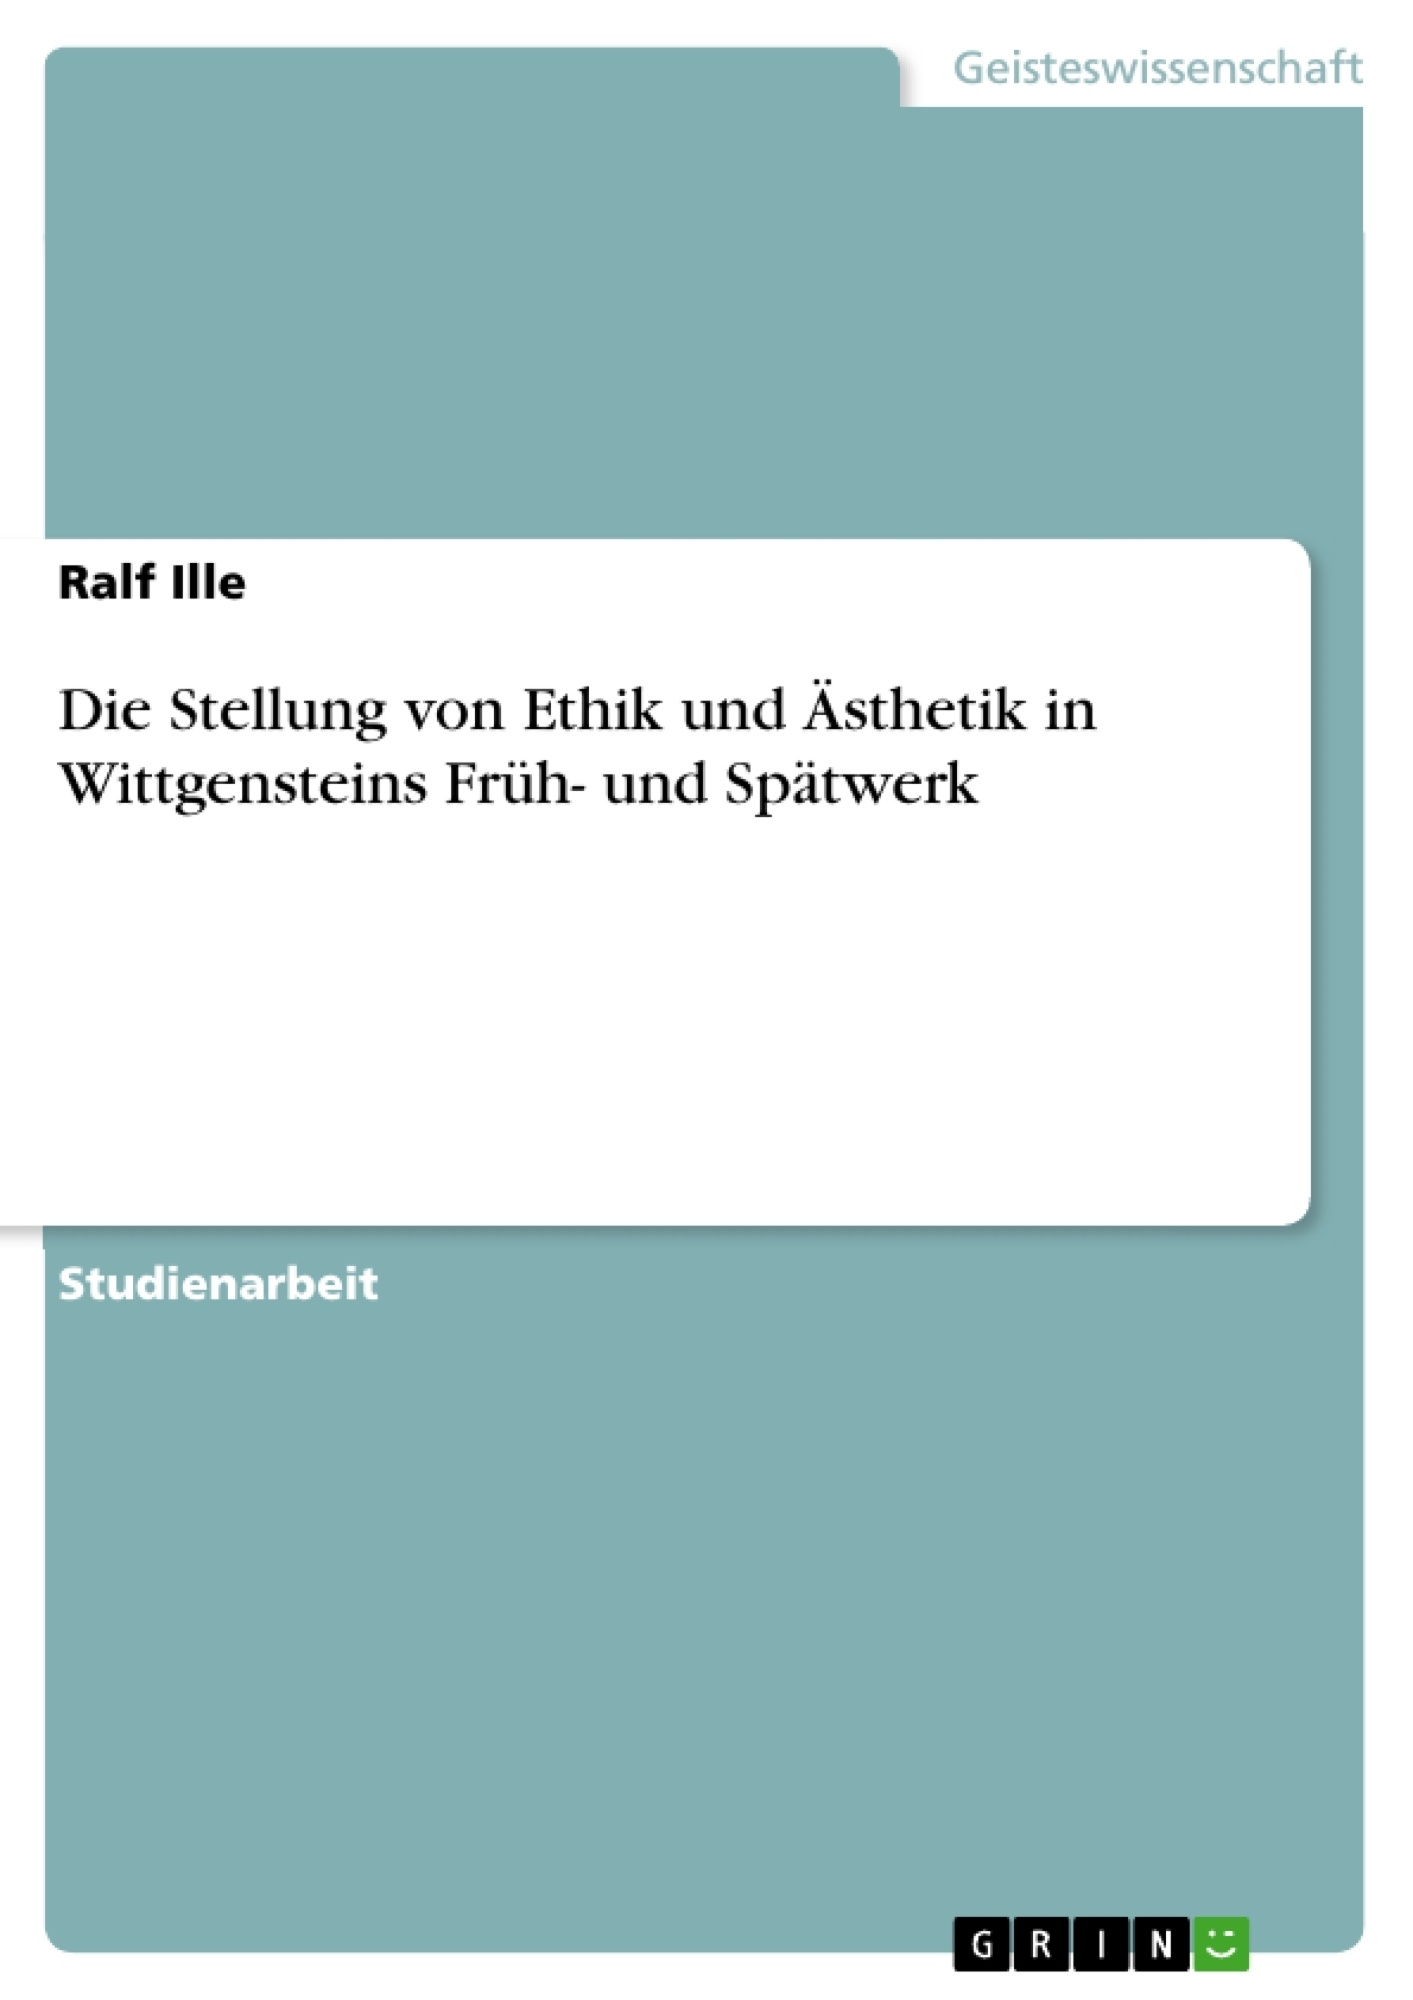 Titel: Die Stellung von Ethik und Ästhetik in Wittgensteins Früh- und Spätwerk